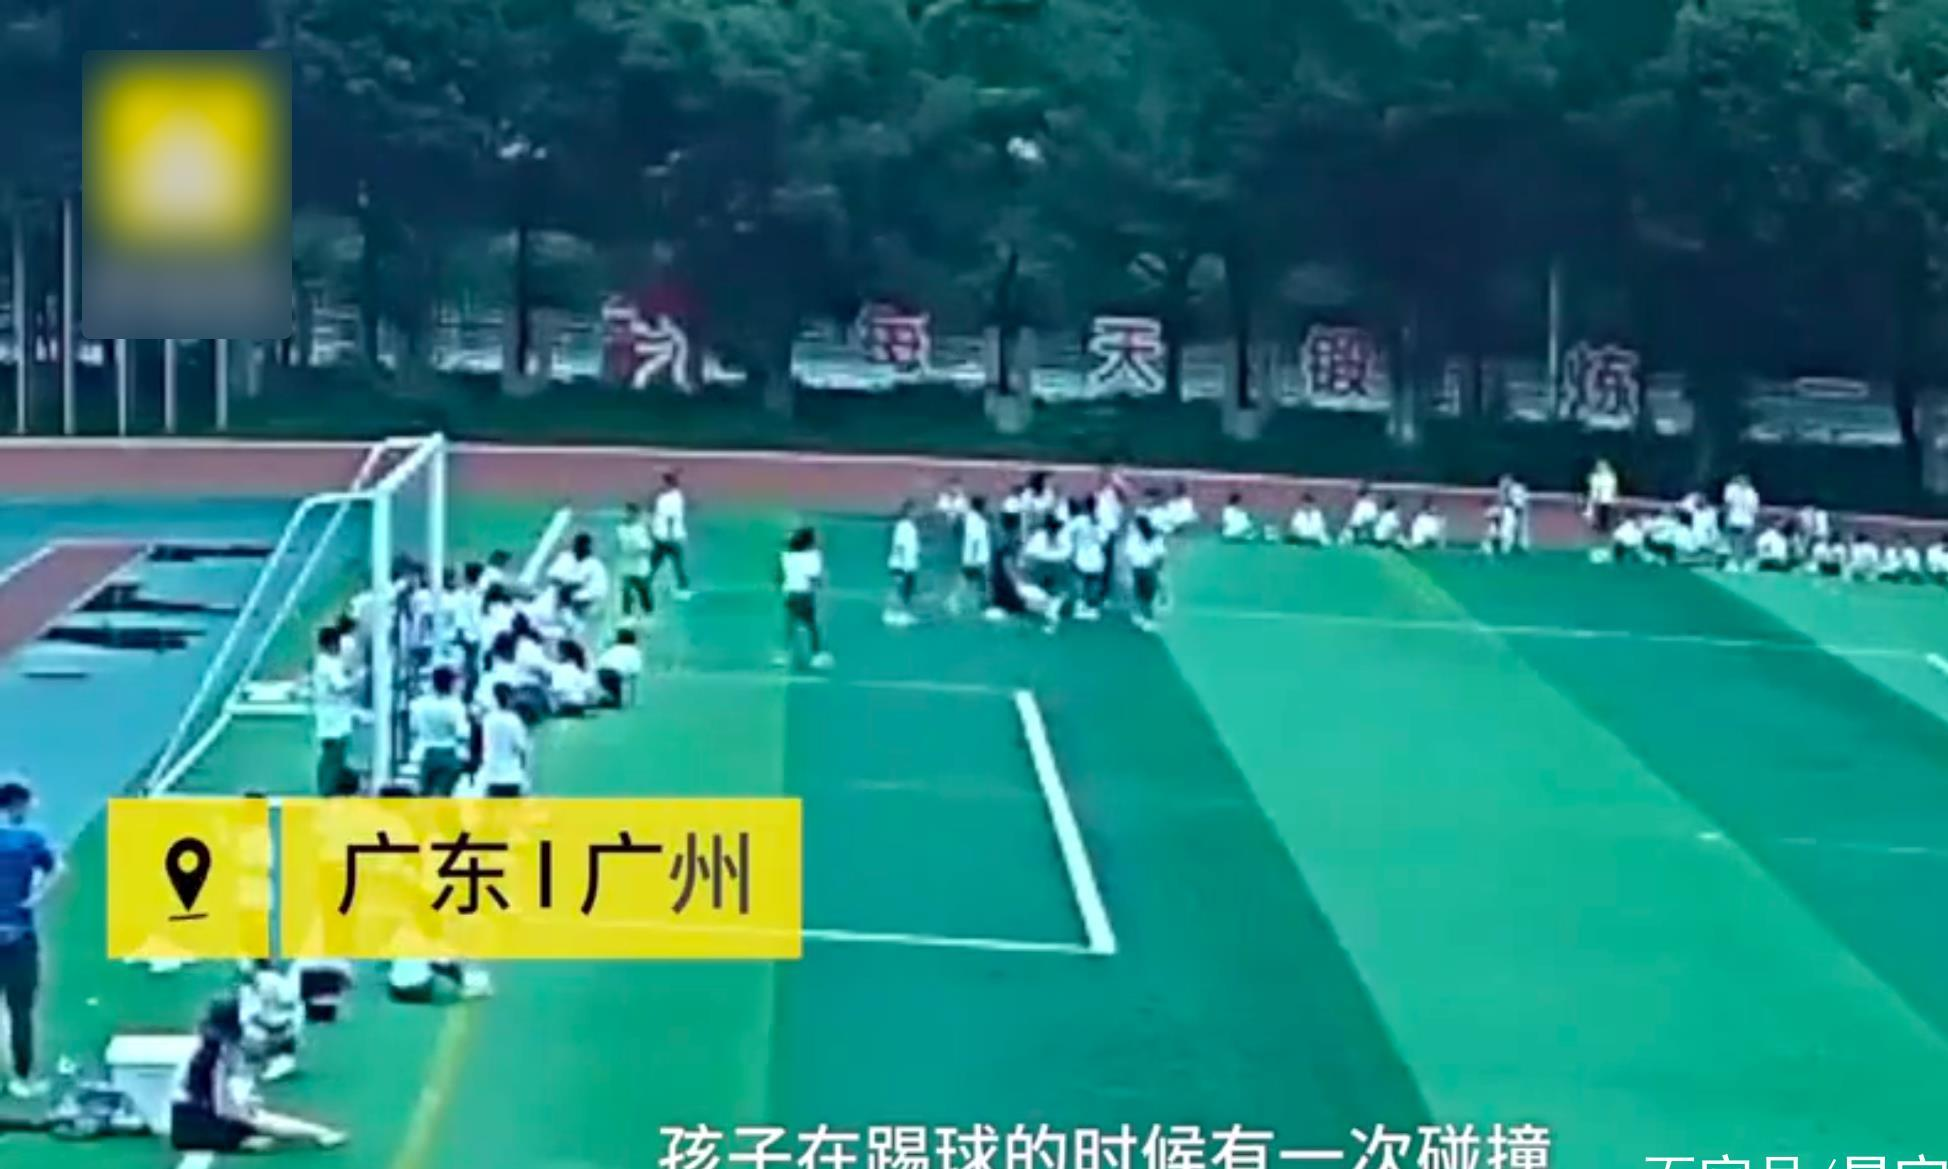 8岁男孩足球赛心脏骤停身亡,家属质疑学校急救无章将走司法流程